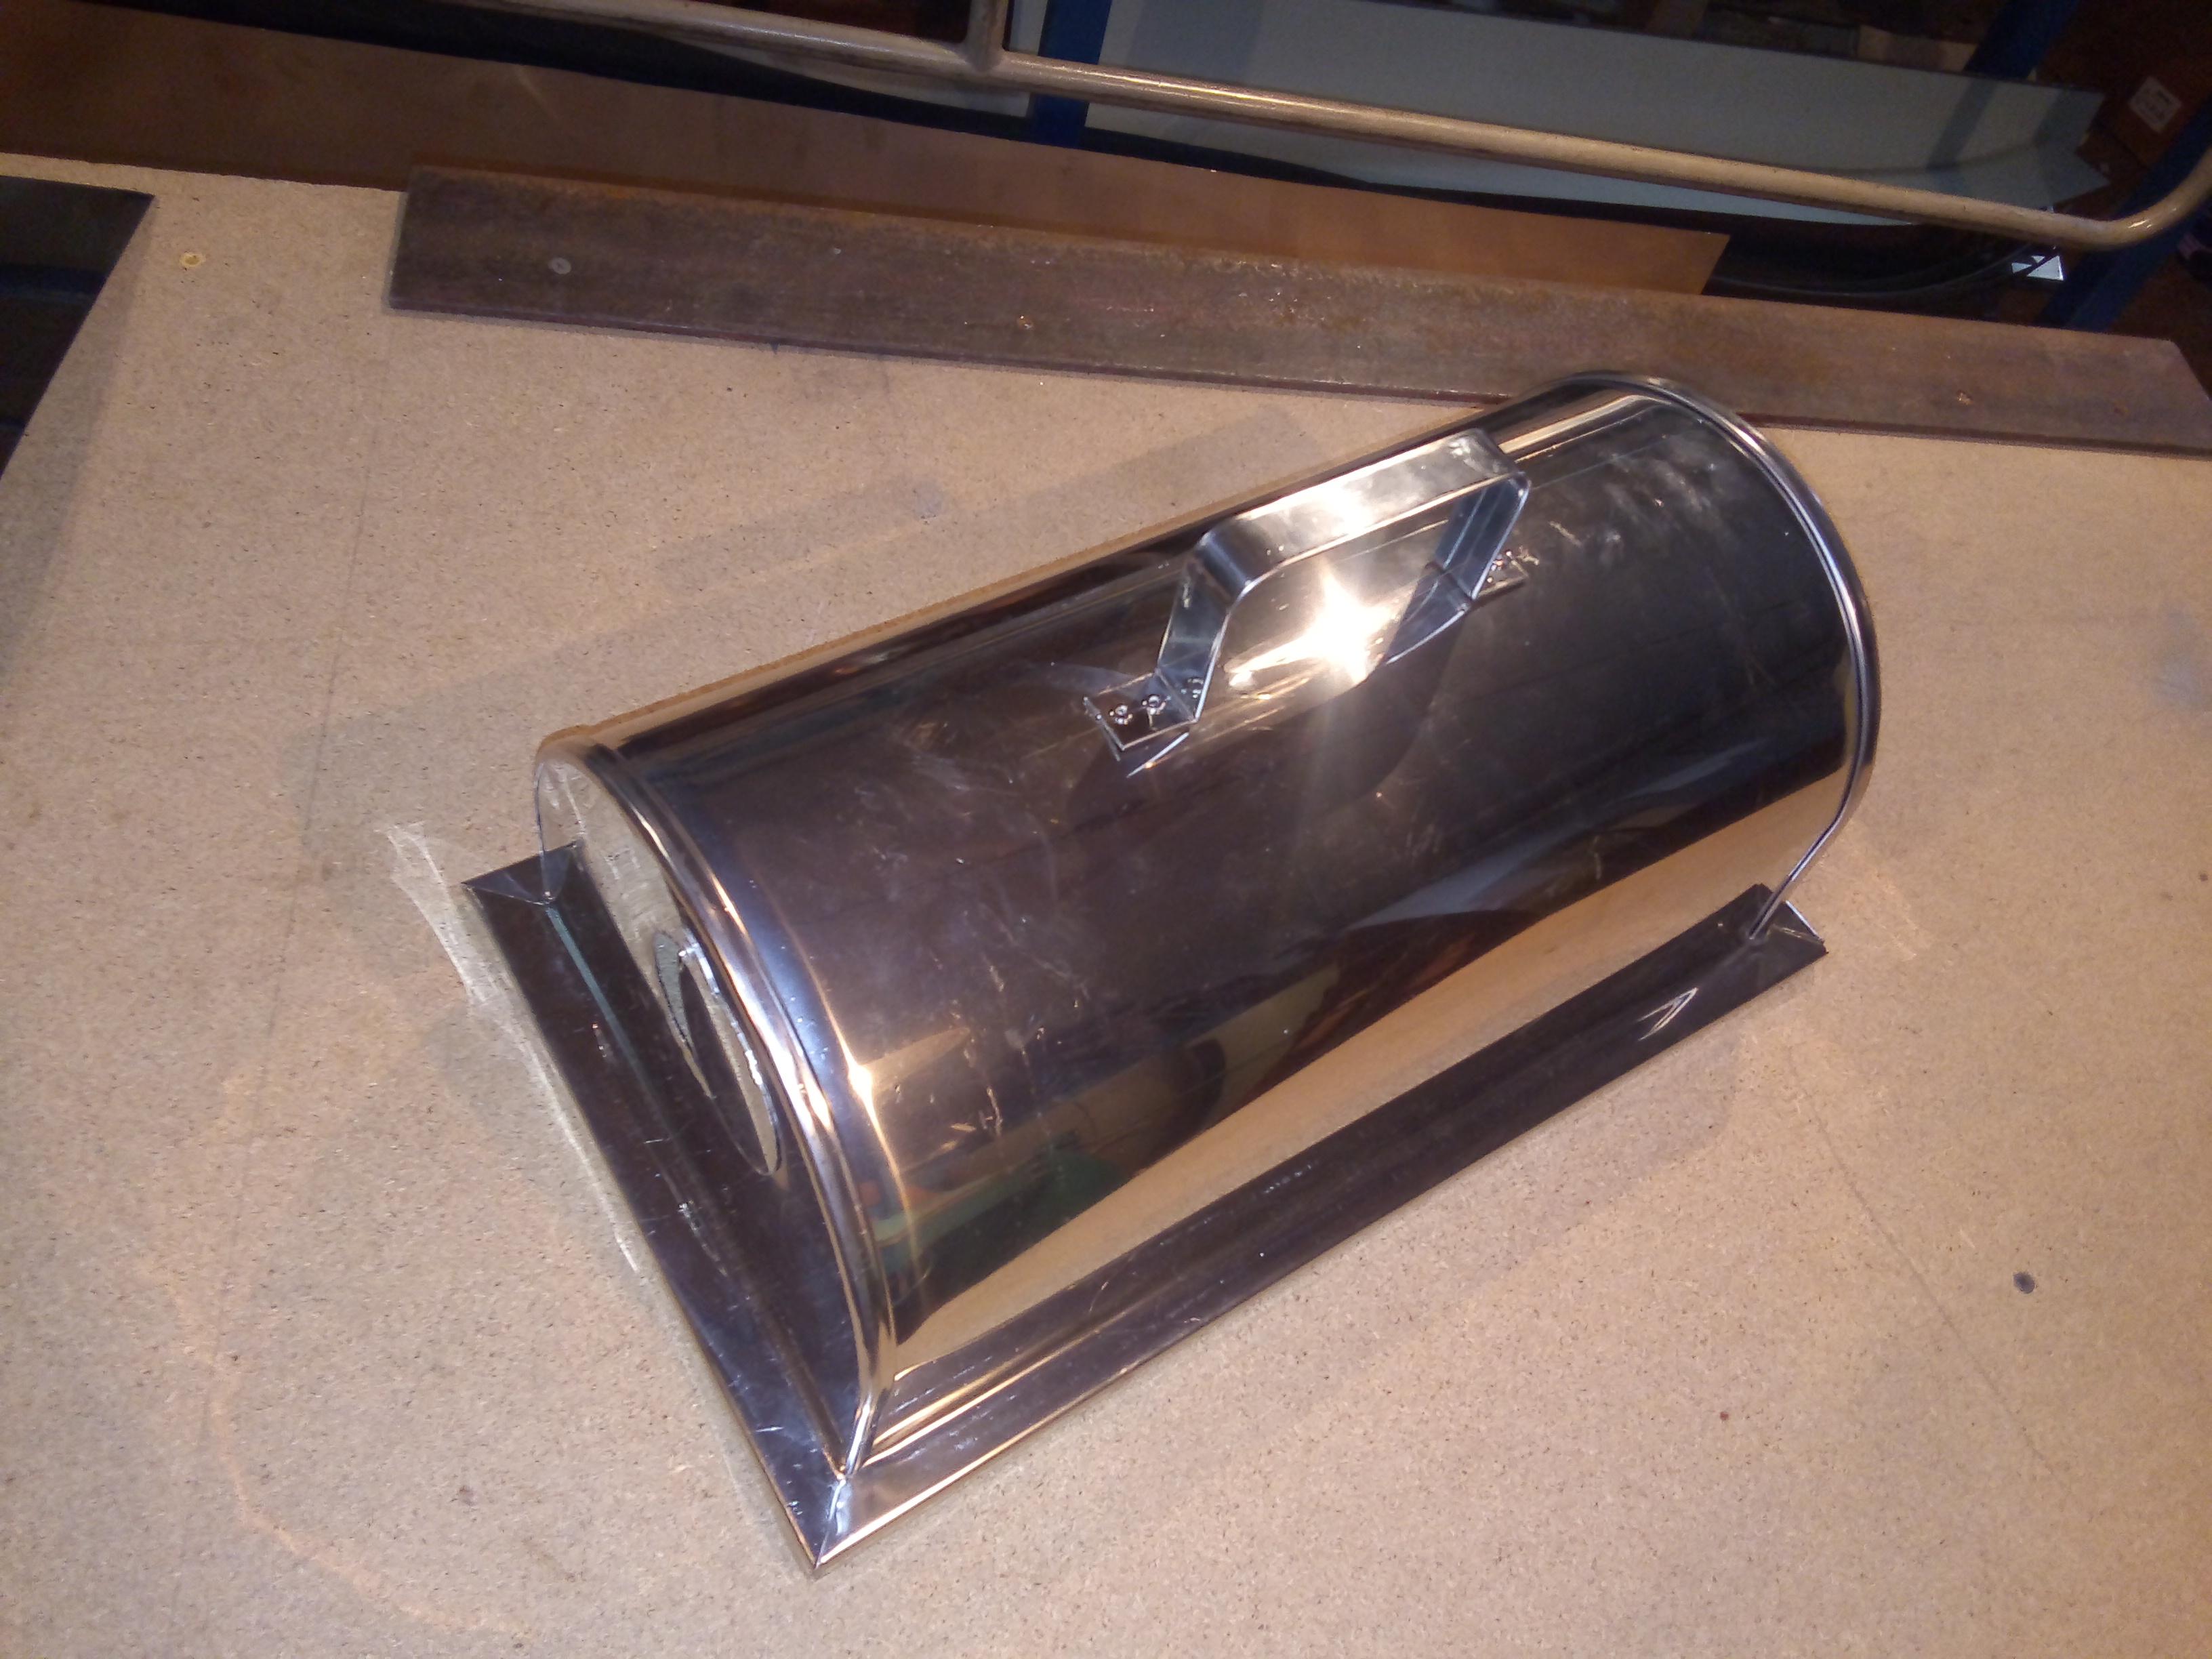 Фото Изготовление изделий из нержавейки, цветного и чёрного метала. На фото - колпак для гриля, ручная работа.